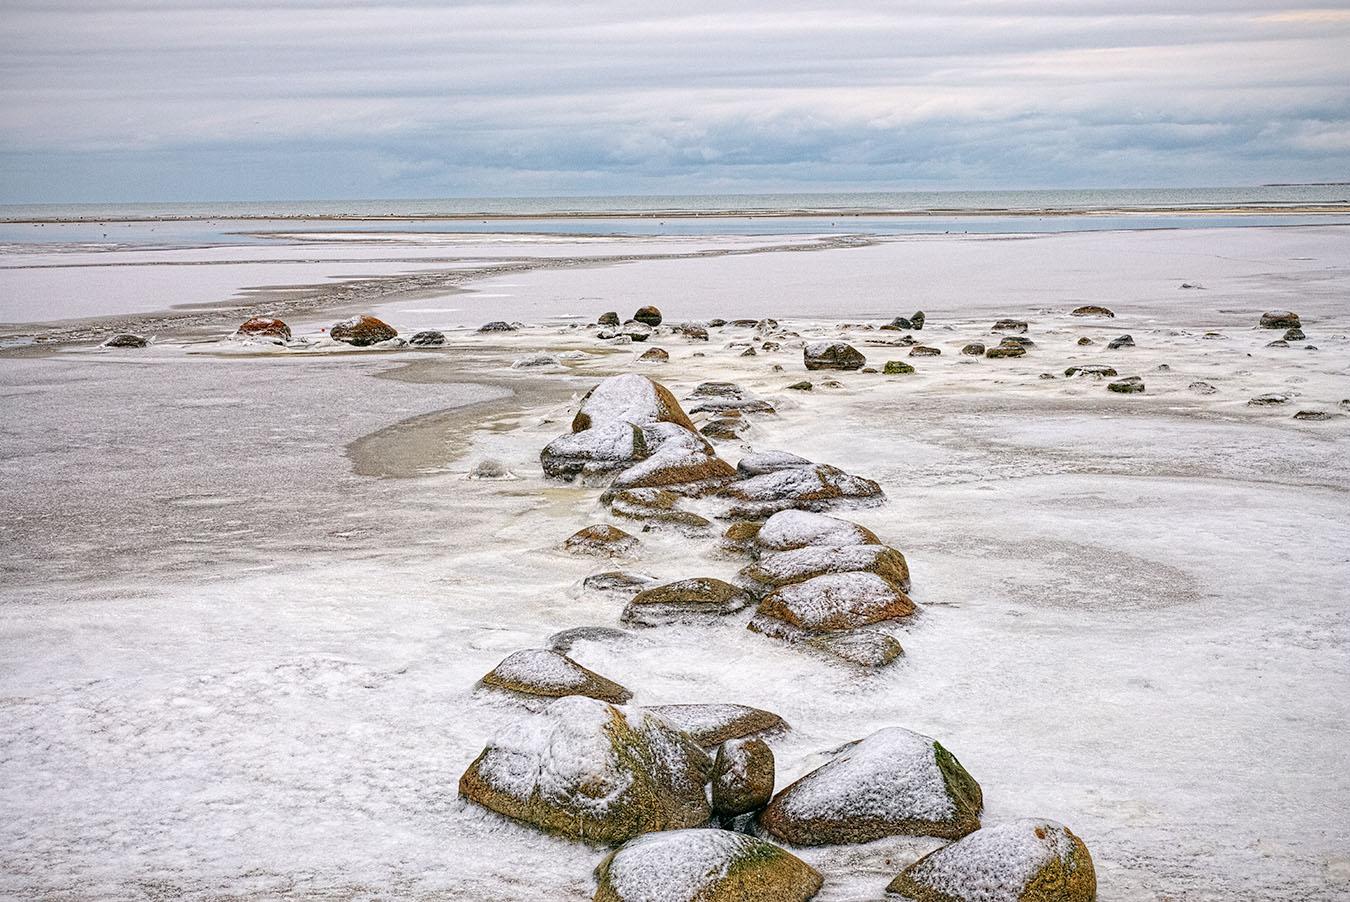 Winter Beach by Arne Hvaring in Arne Hvaring